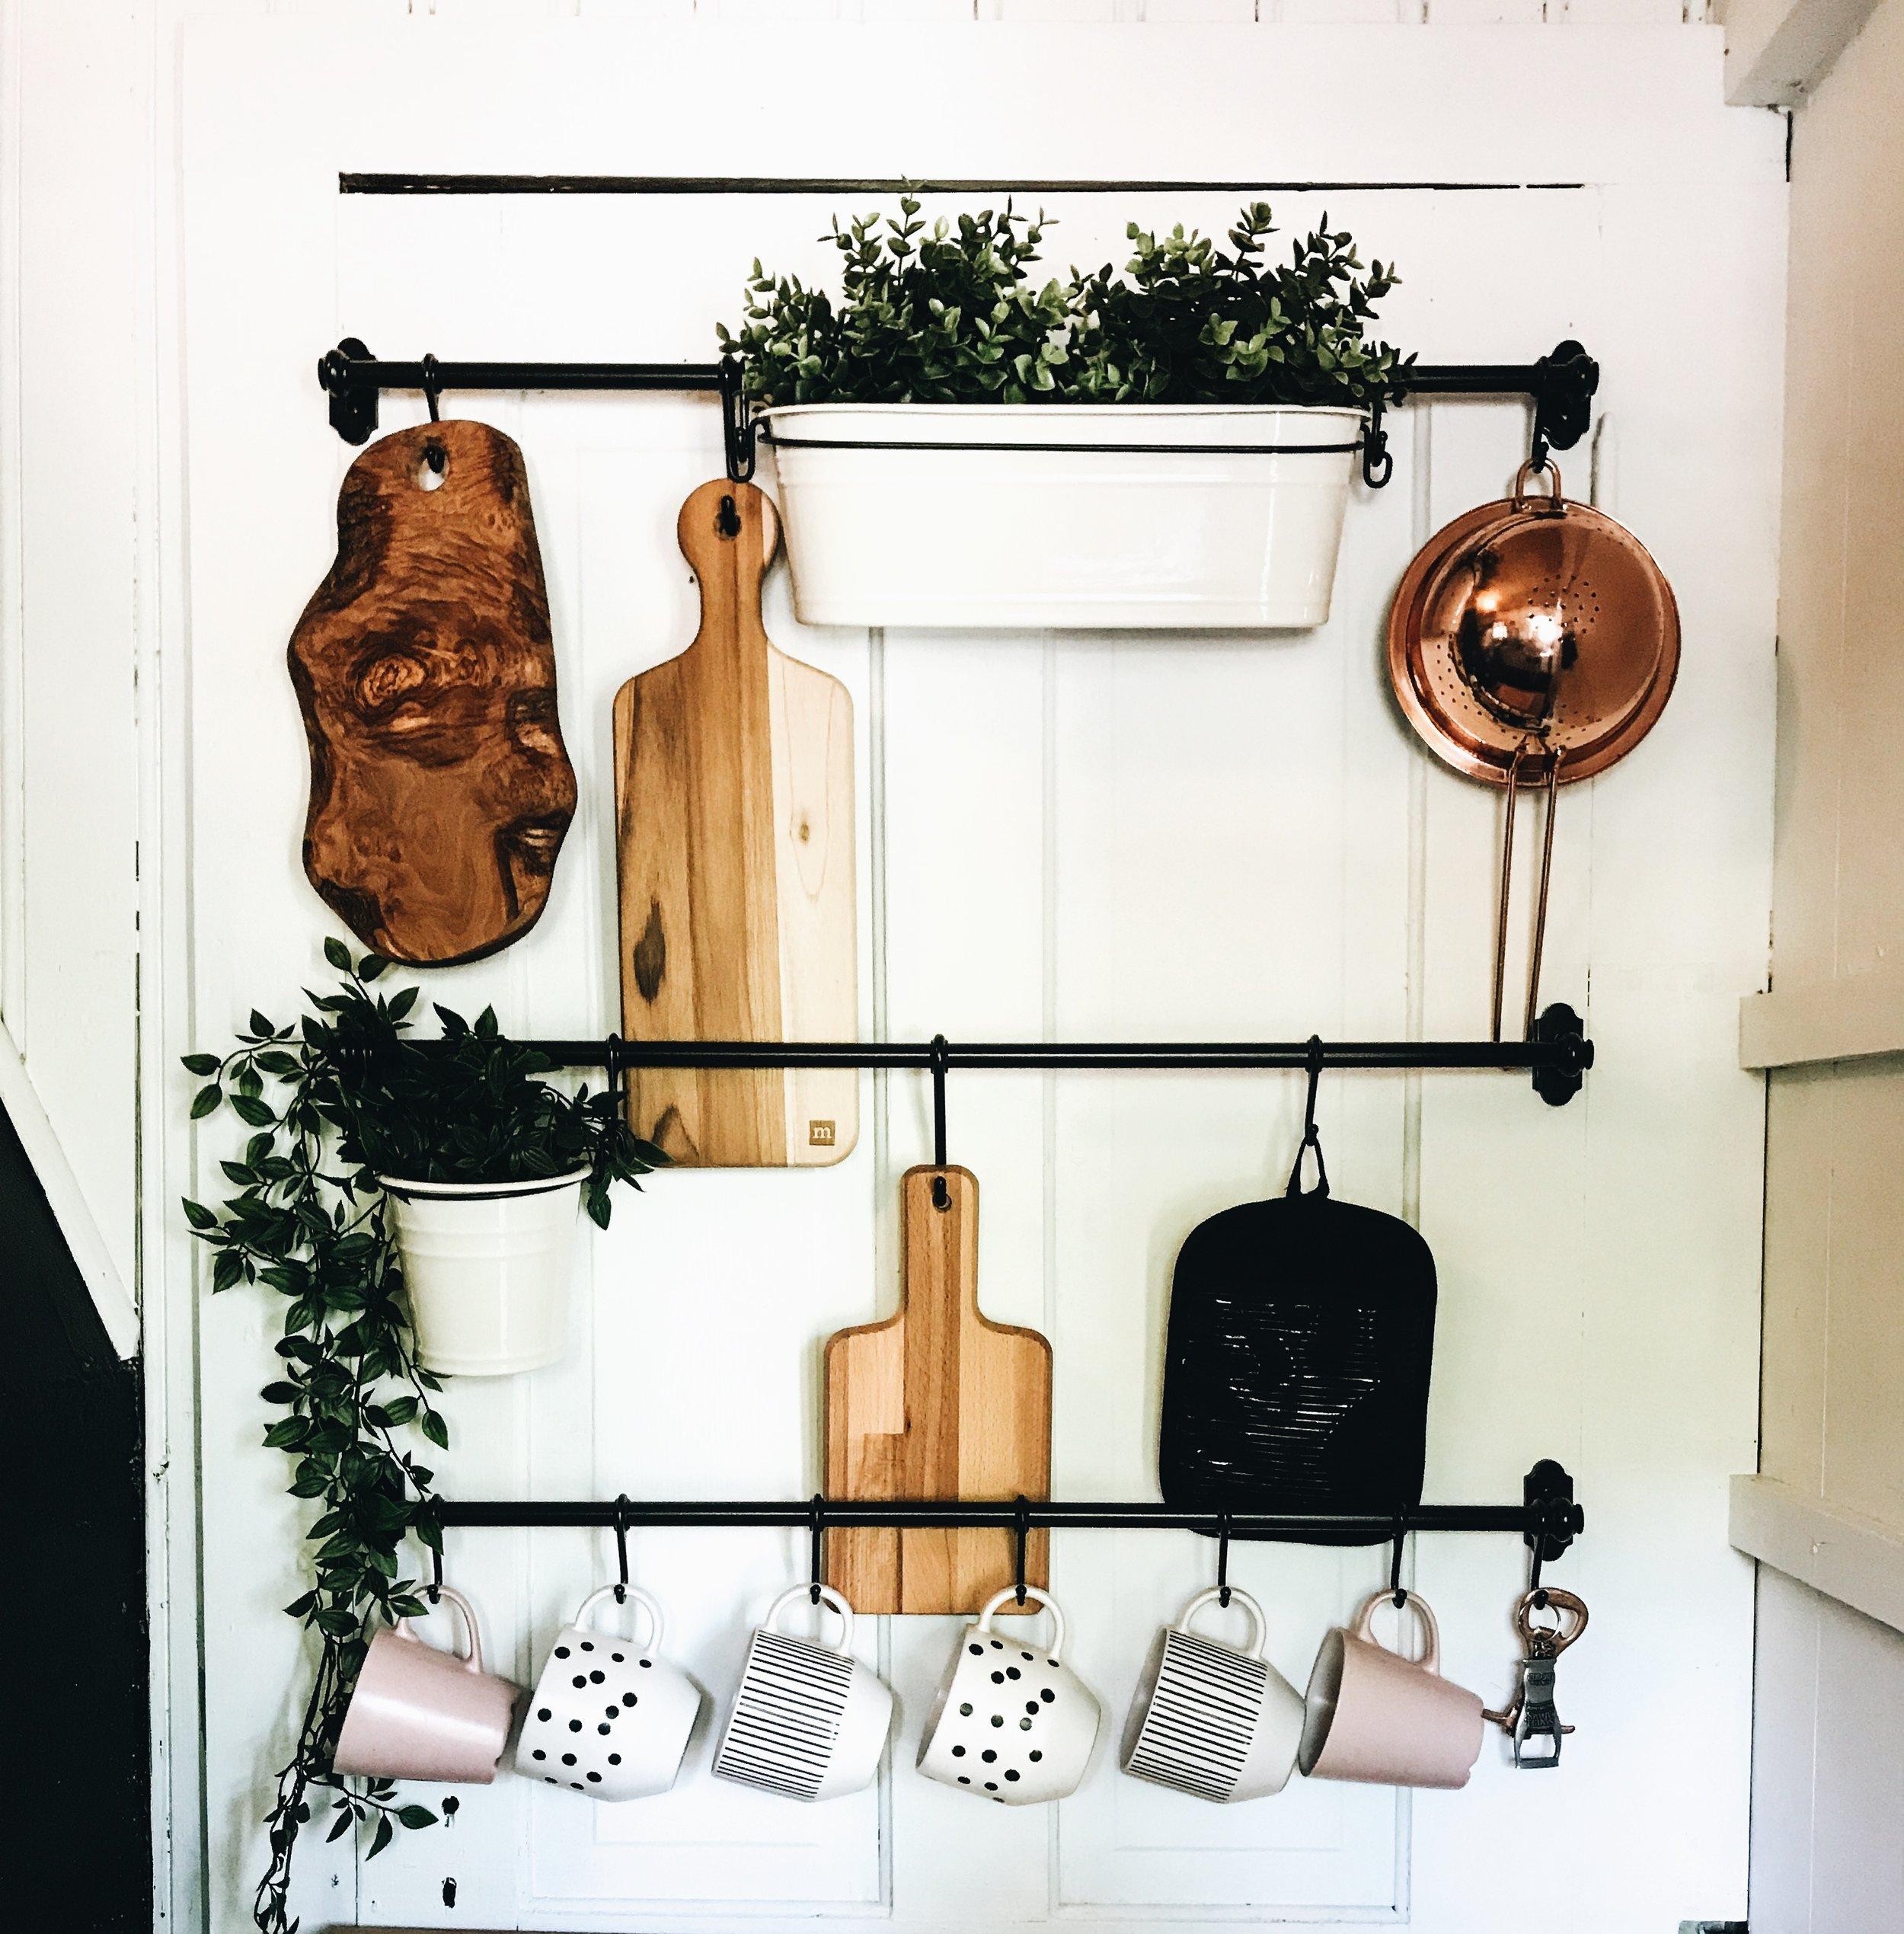 Lake house kitchen decor ideas. Mug hooks for lake house. Kitchen decor for summer home.